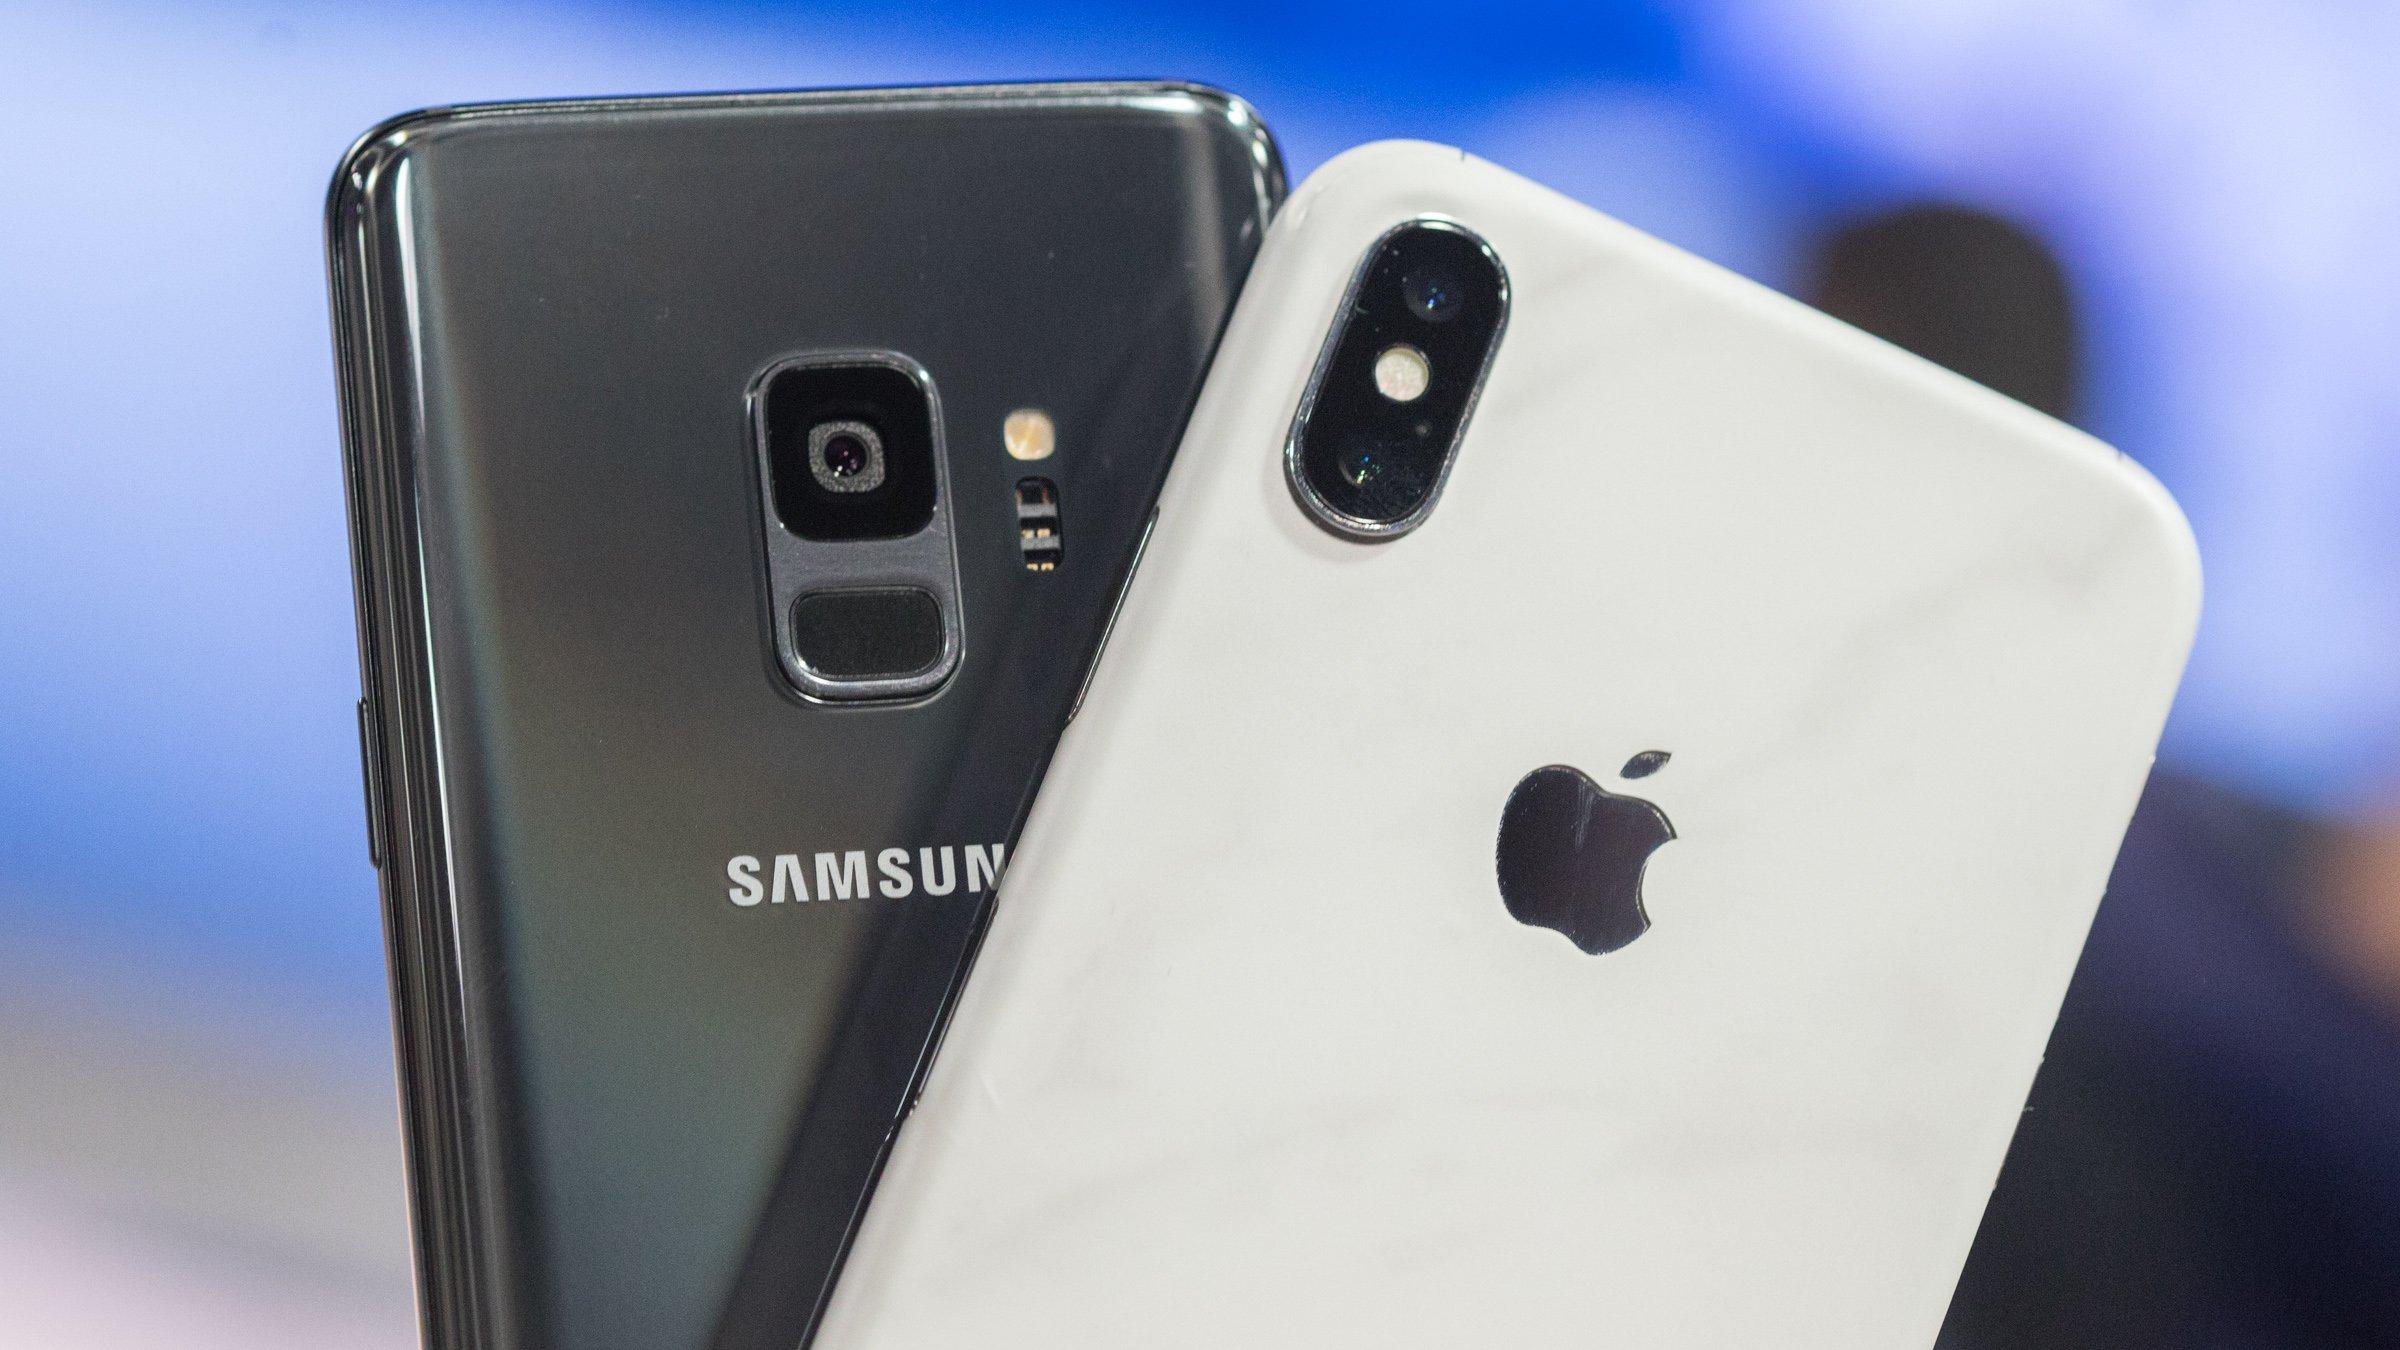 Самсунг продолжает троллить Apple врекламном мини-сериале